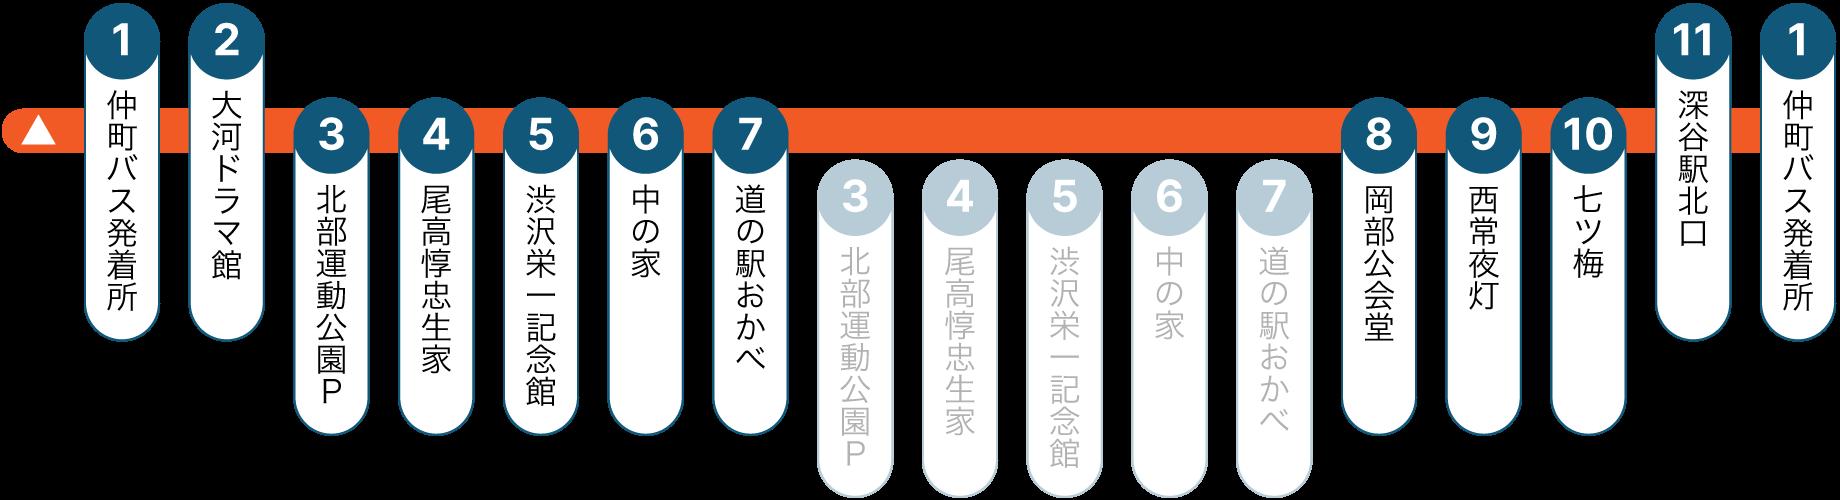 渋沢栄一 論語の里 循環バス・バス停